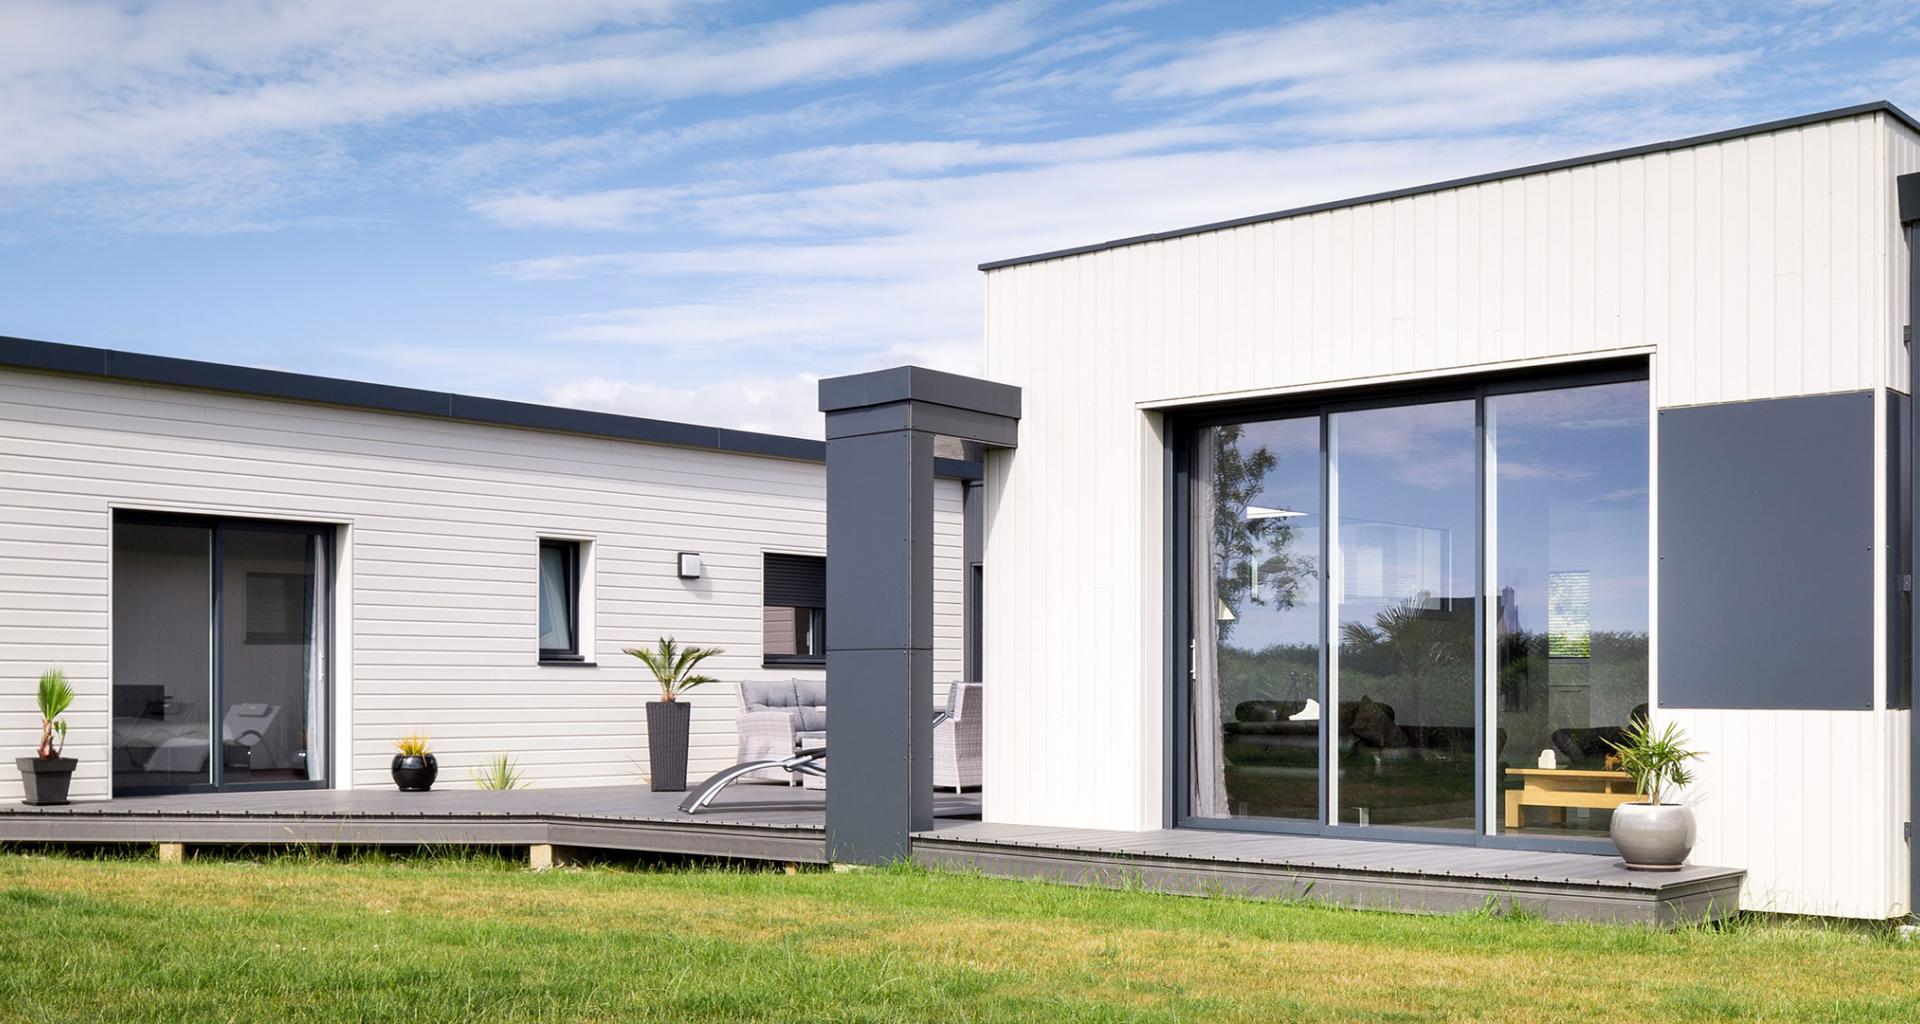 Maison contemporaine avec du bardage bois silverwood for Realisation maison contemporaine